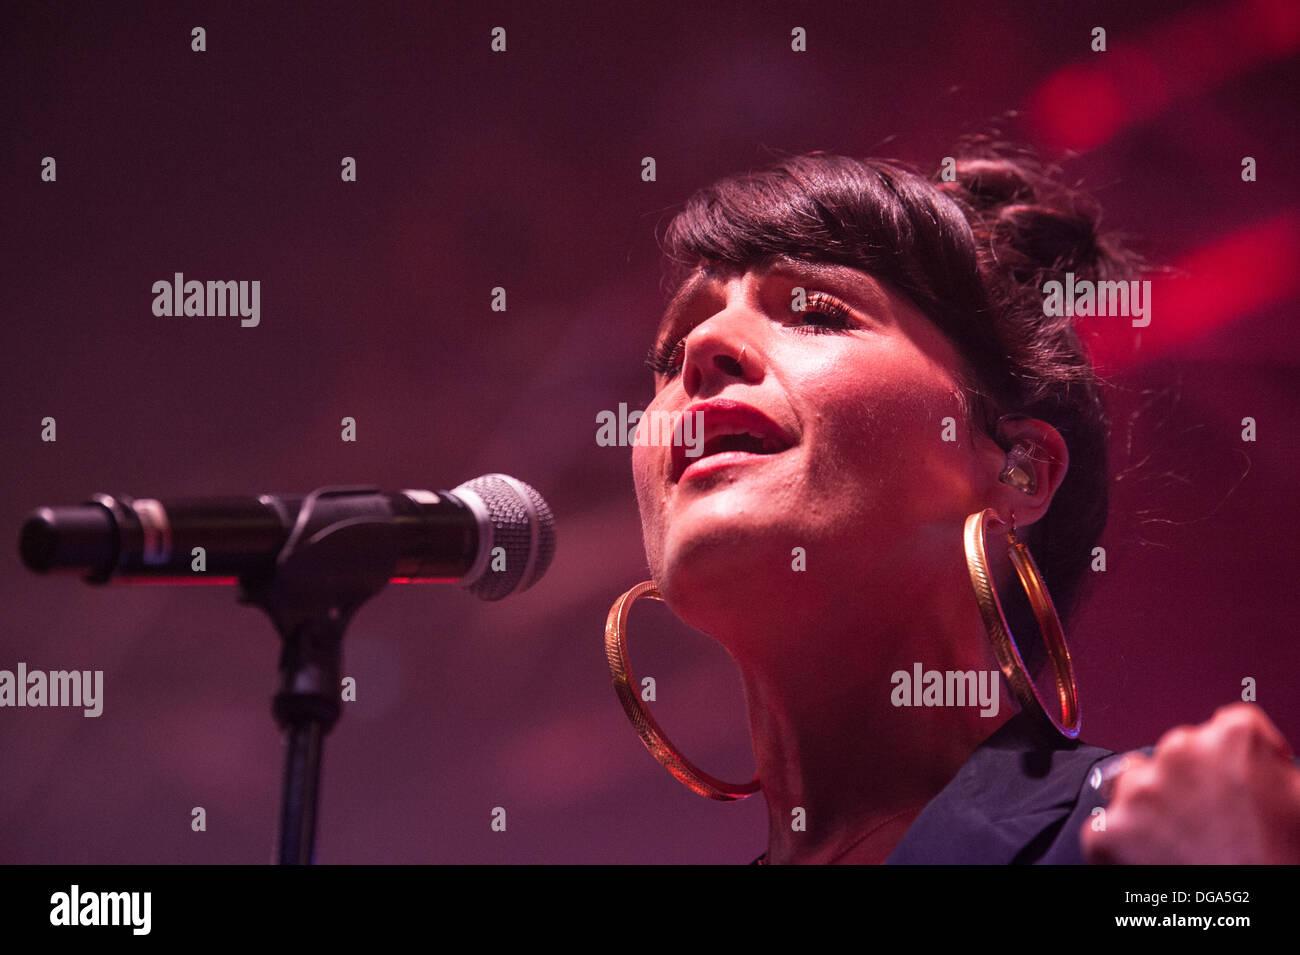 British singer Jessie Ware performs at Zurich Openair Festival 2013. - Stock Image